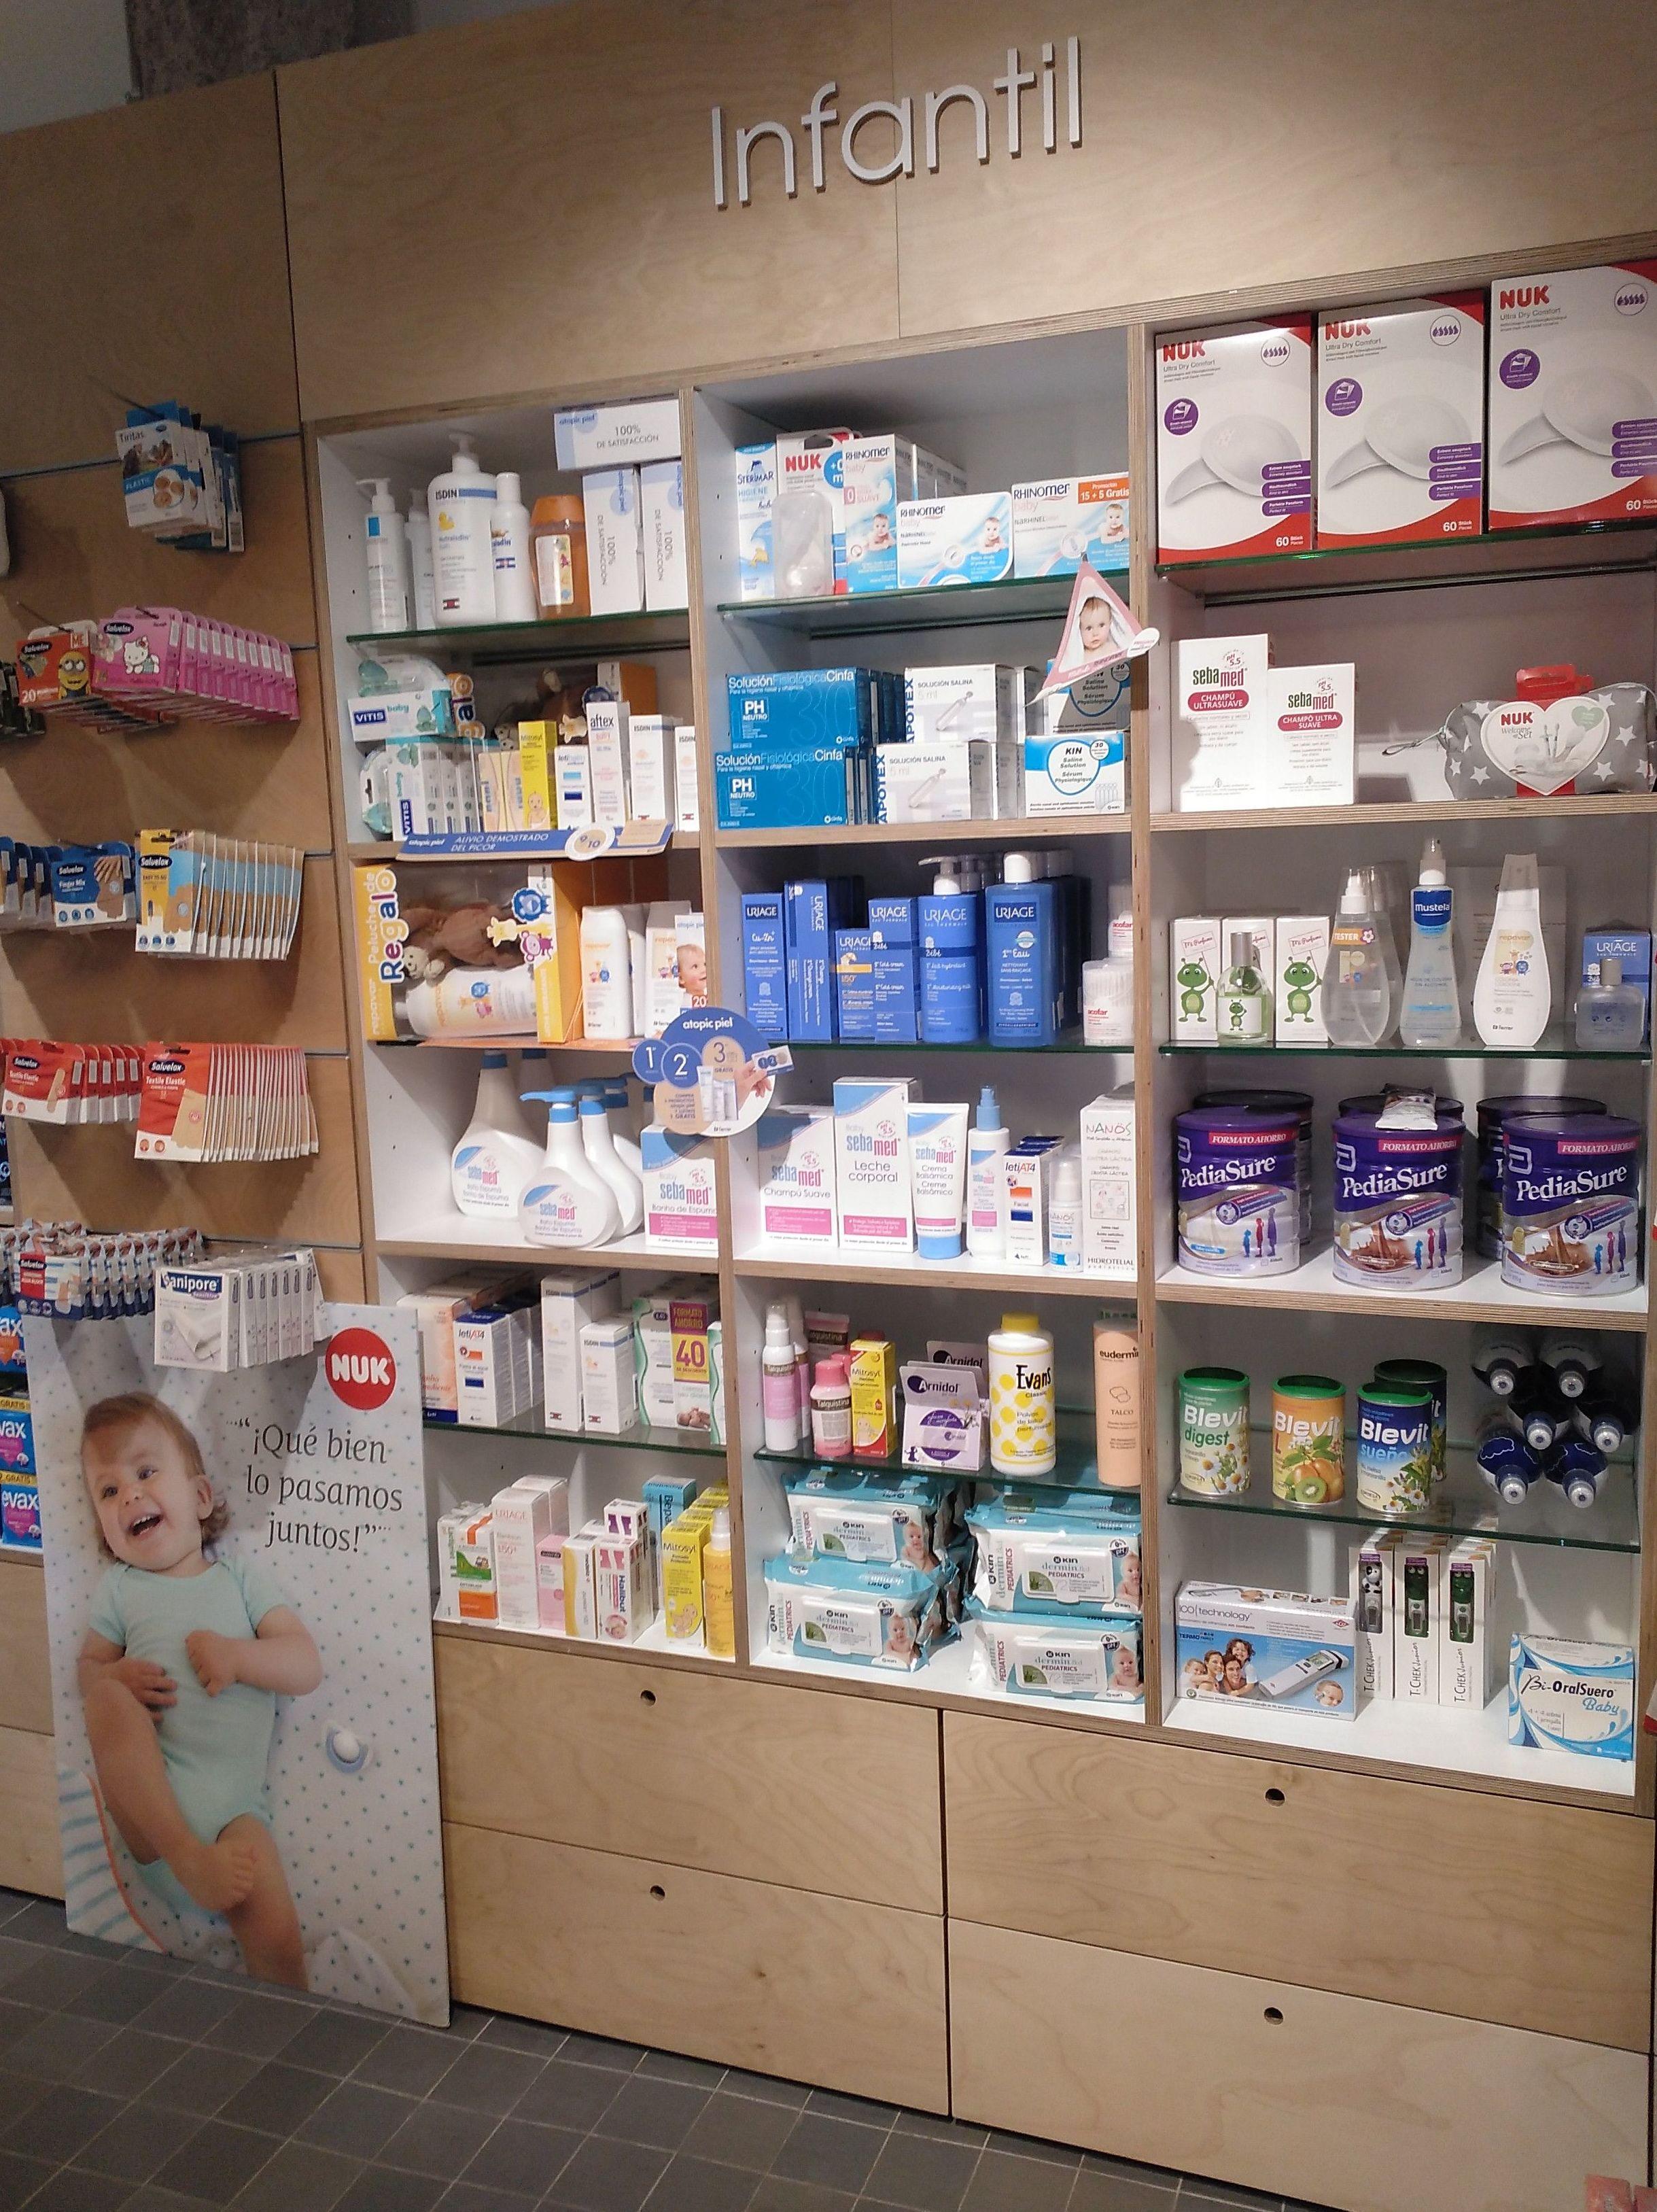 Productos infantiles: Productos y servicios de Farmacia Zabala Peña